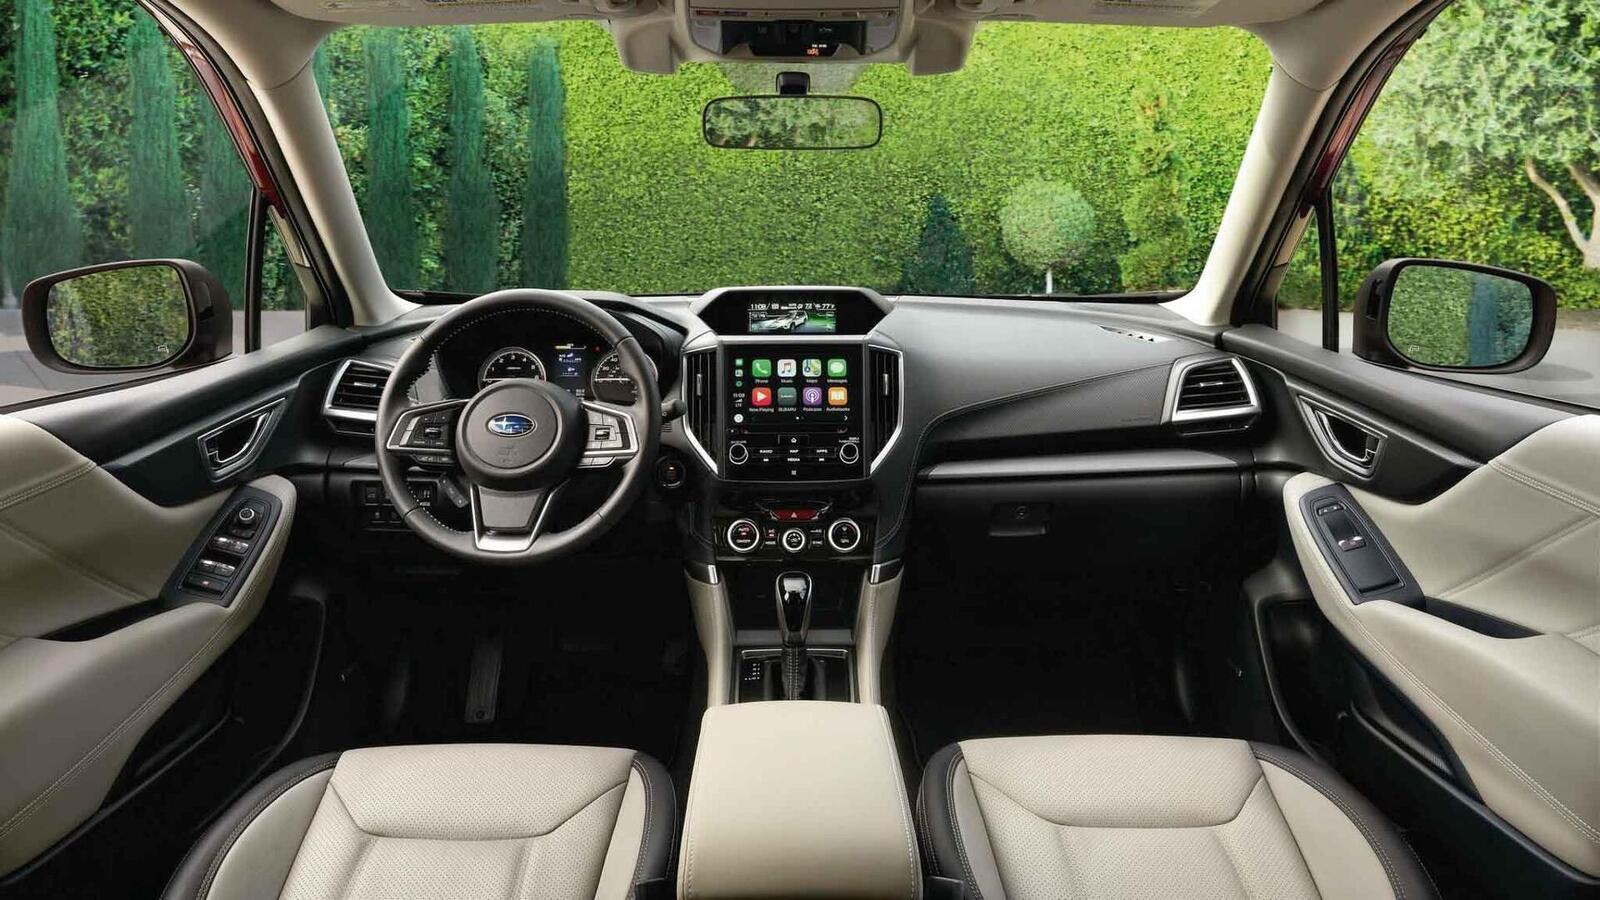 Subaru Forester 2019: Thay đổi nội ngoại thất, động cơ mạnh hơn, thêm nhiều phiên bản - Hình 4